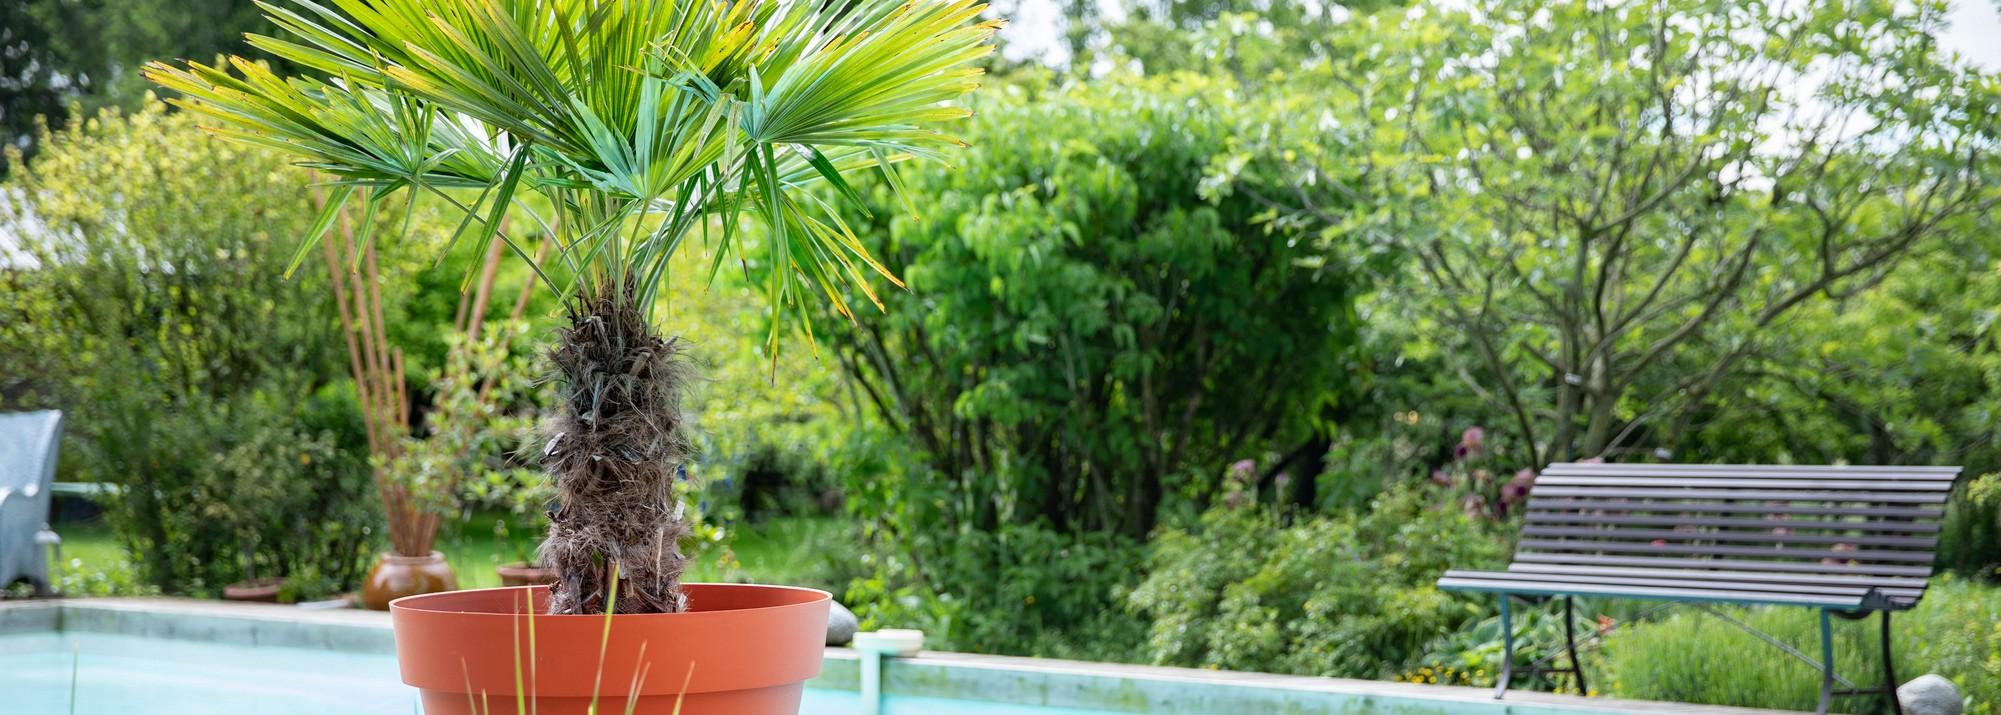 Plantes De Terrasse Arbustes palmiers balcon et terrasse : plantes balcon et terrasse et